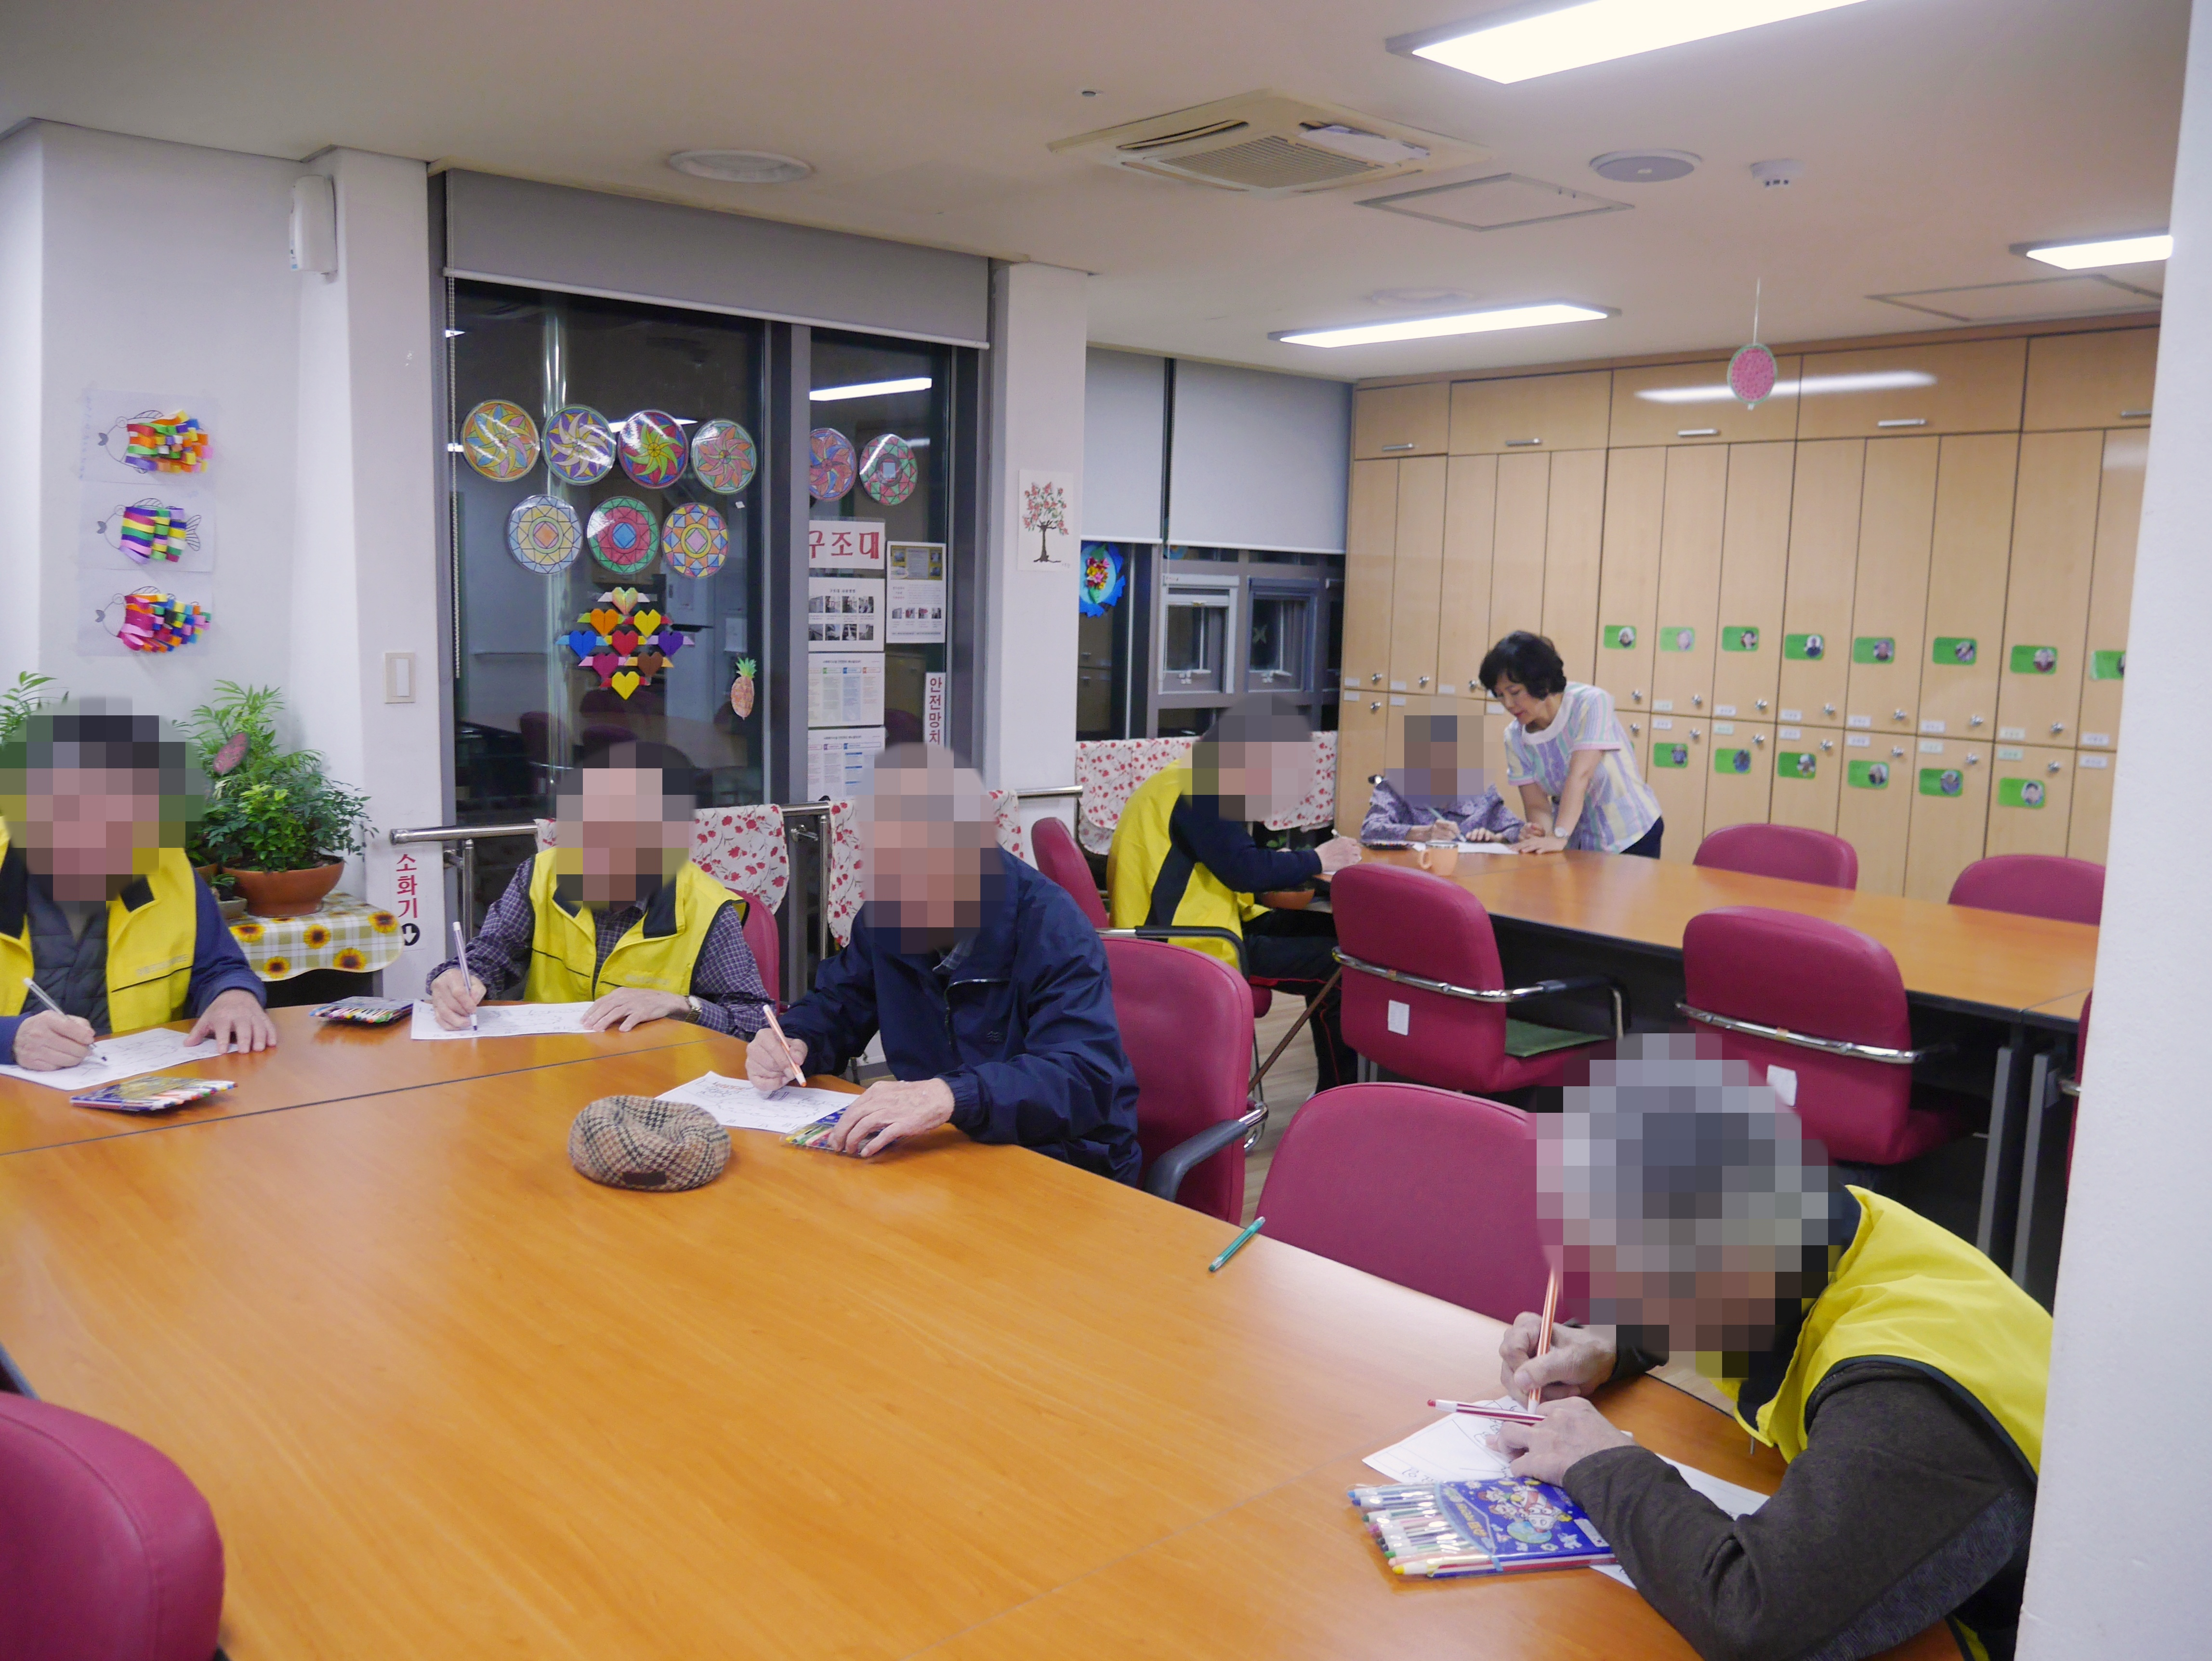 주야간보호센터 10월 야간 프로그램 사진입니다.